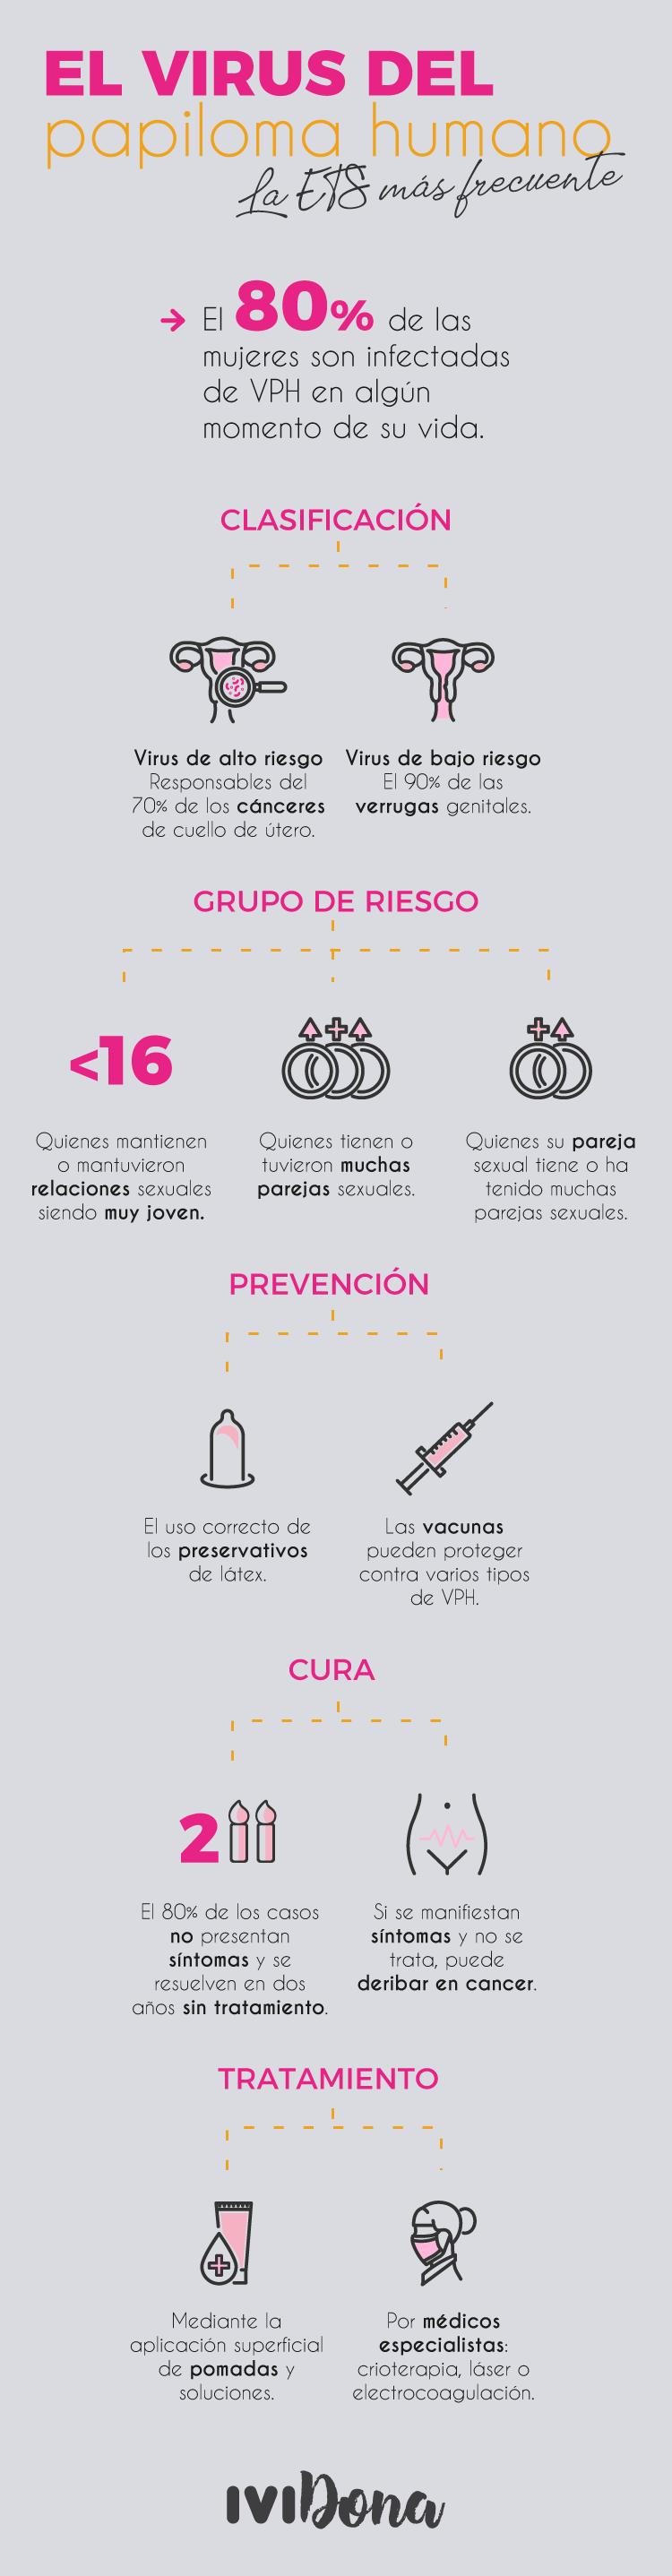 virus del papiloma tratamiento y prevencion